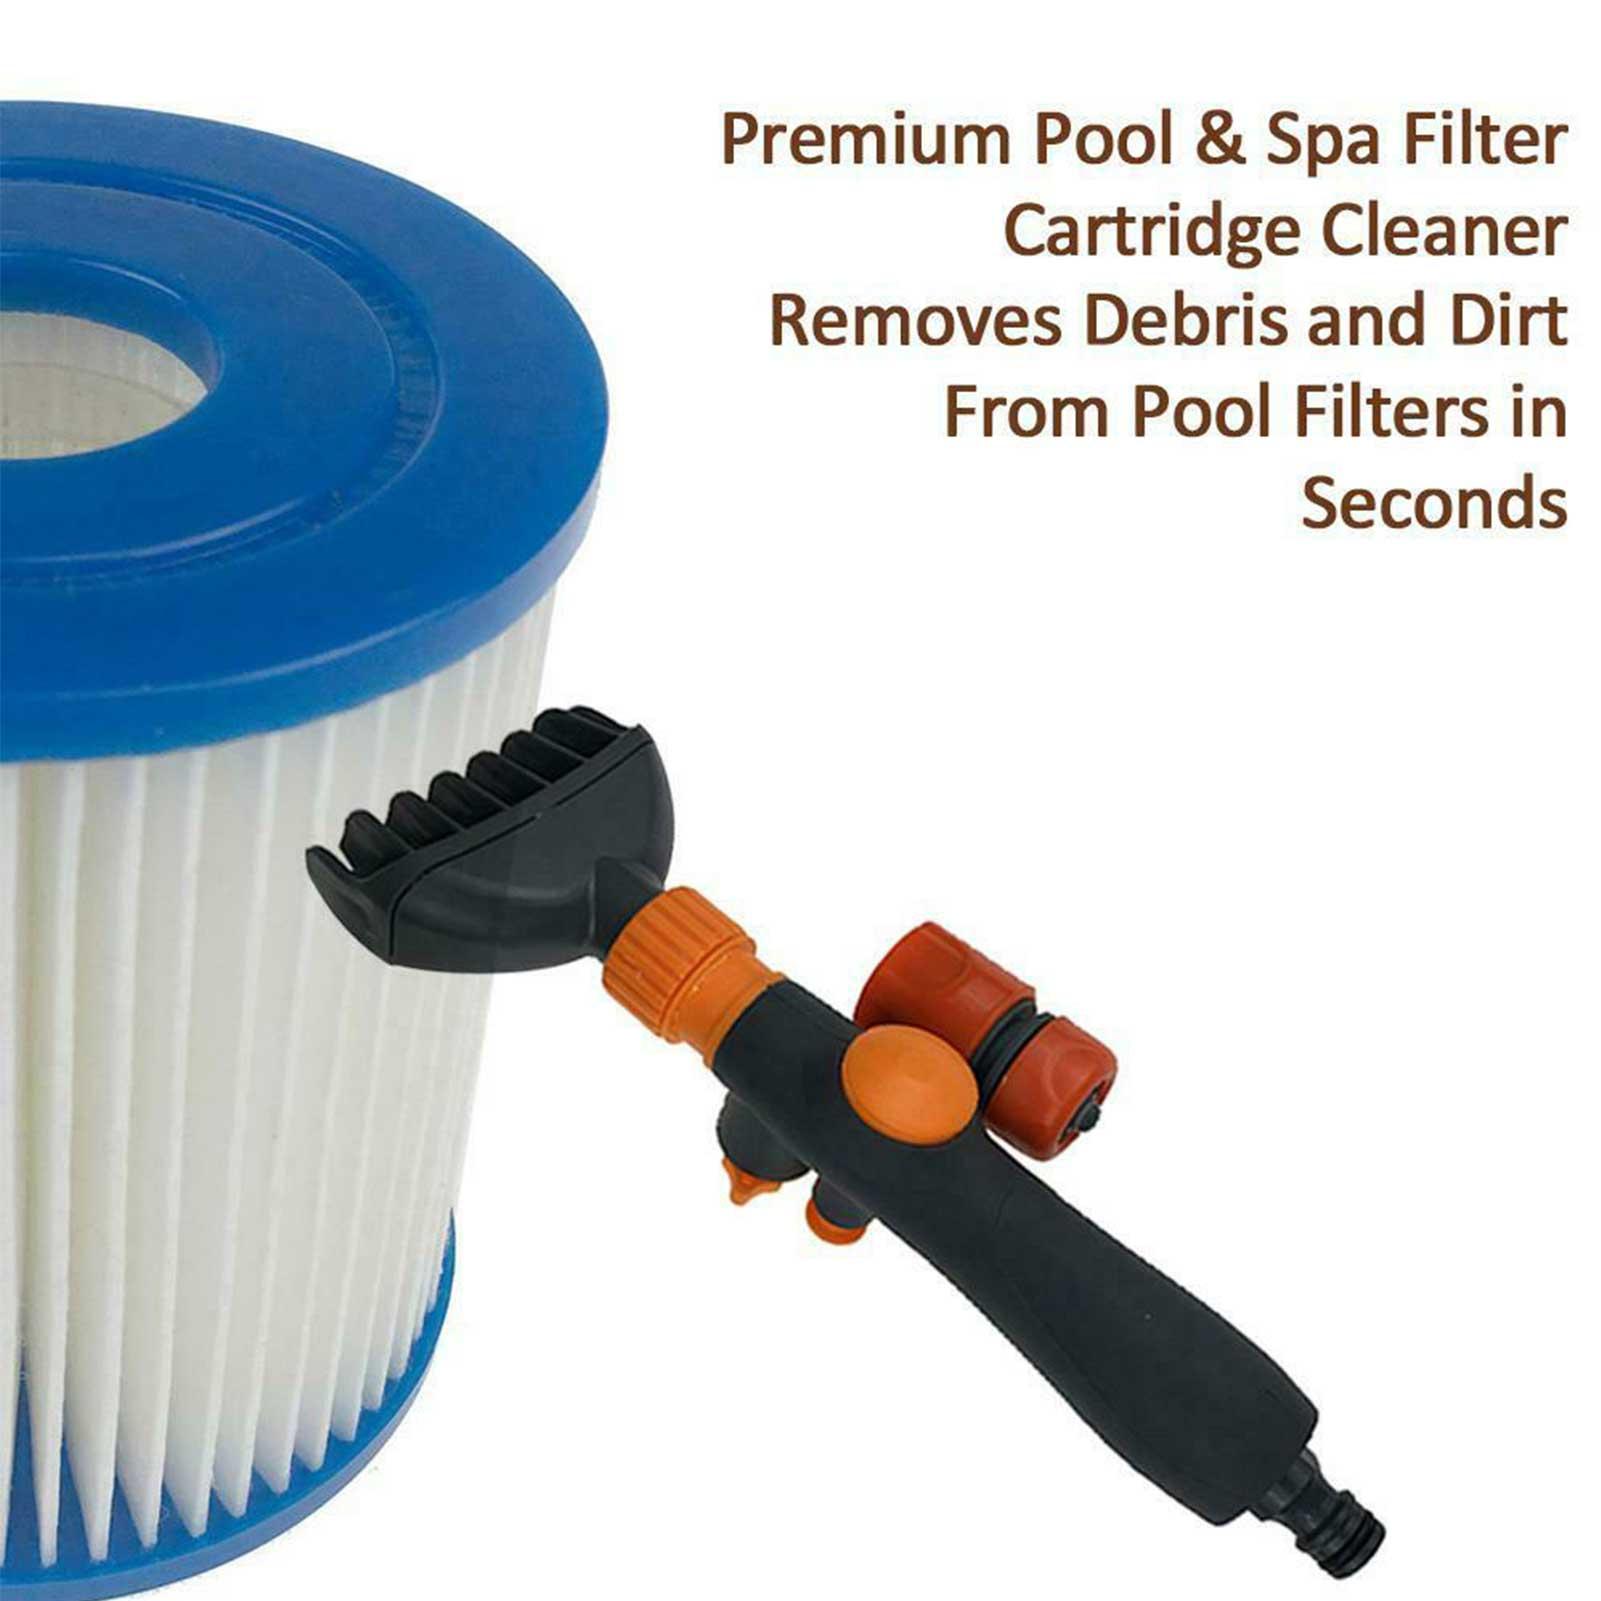 Фильтр для бассейна очиститель Чистящая щетка мини ручной чистки плавательного бассейна аксессуары для бассейна фильтр щетка для чистки и...